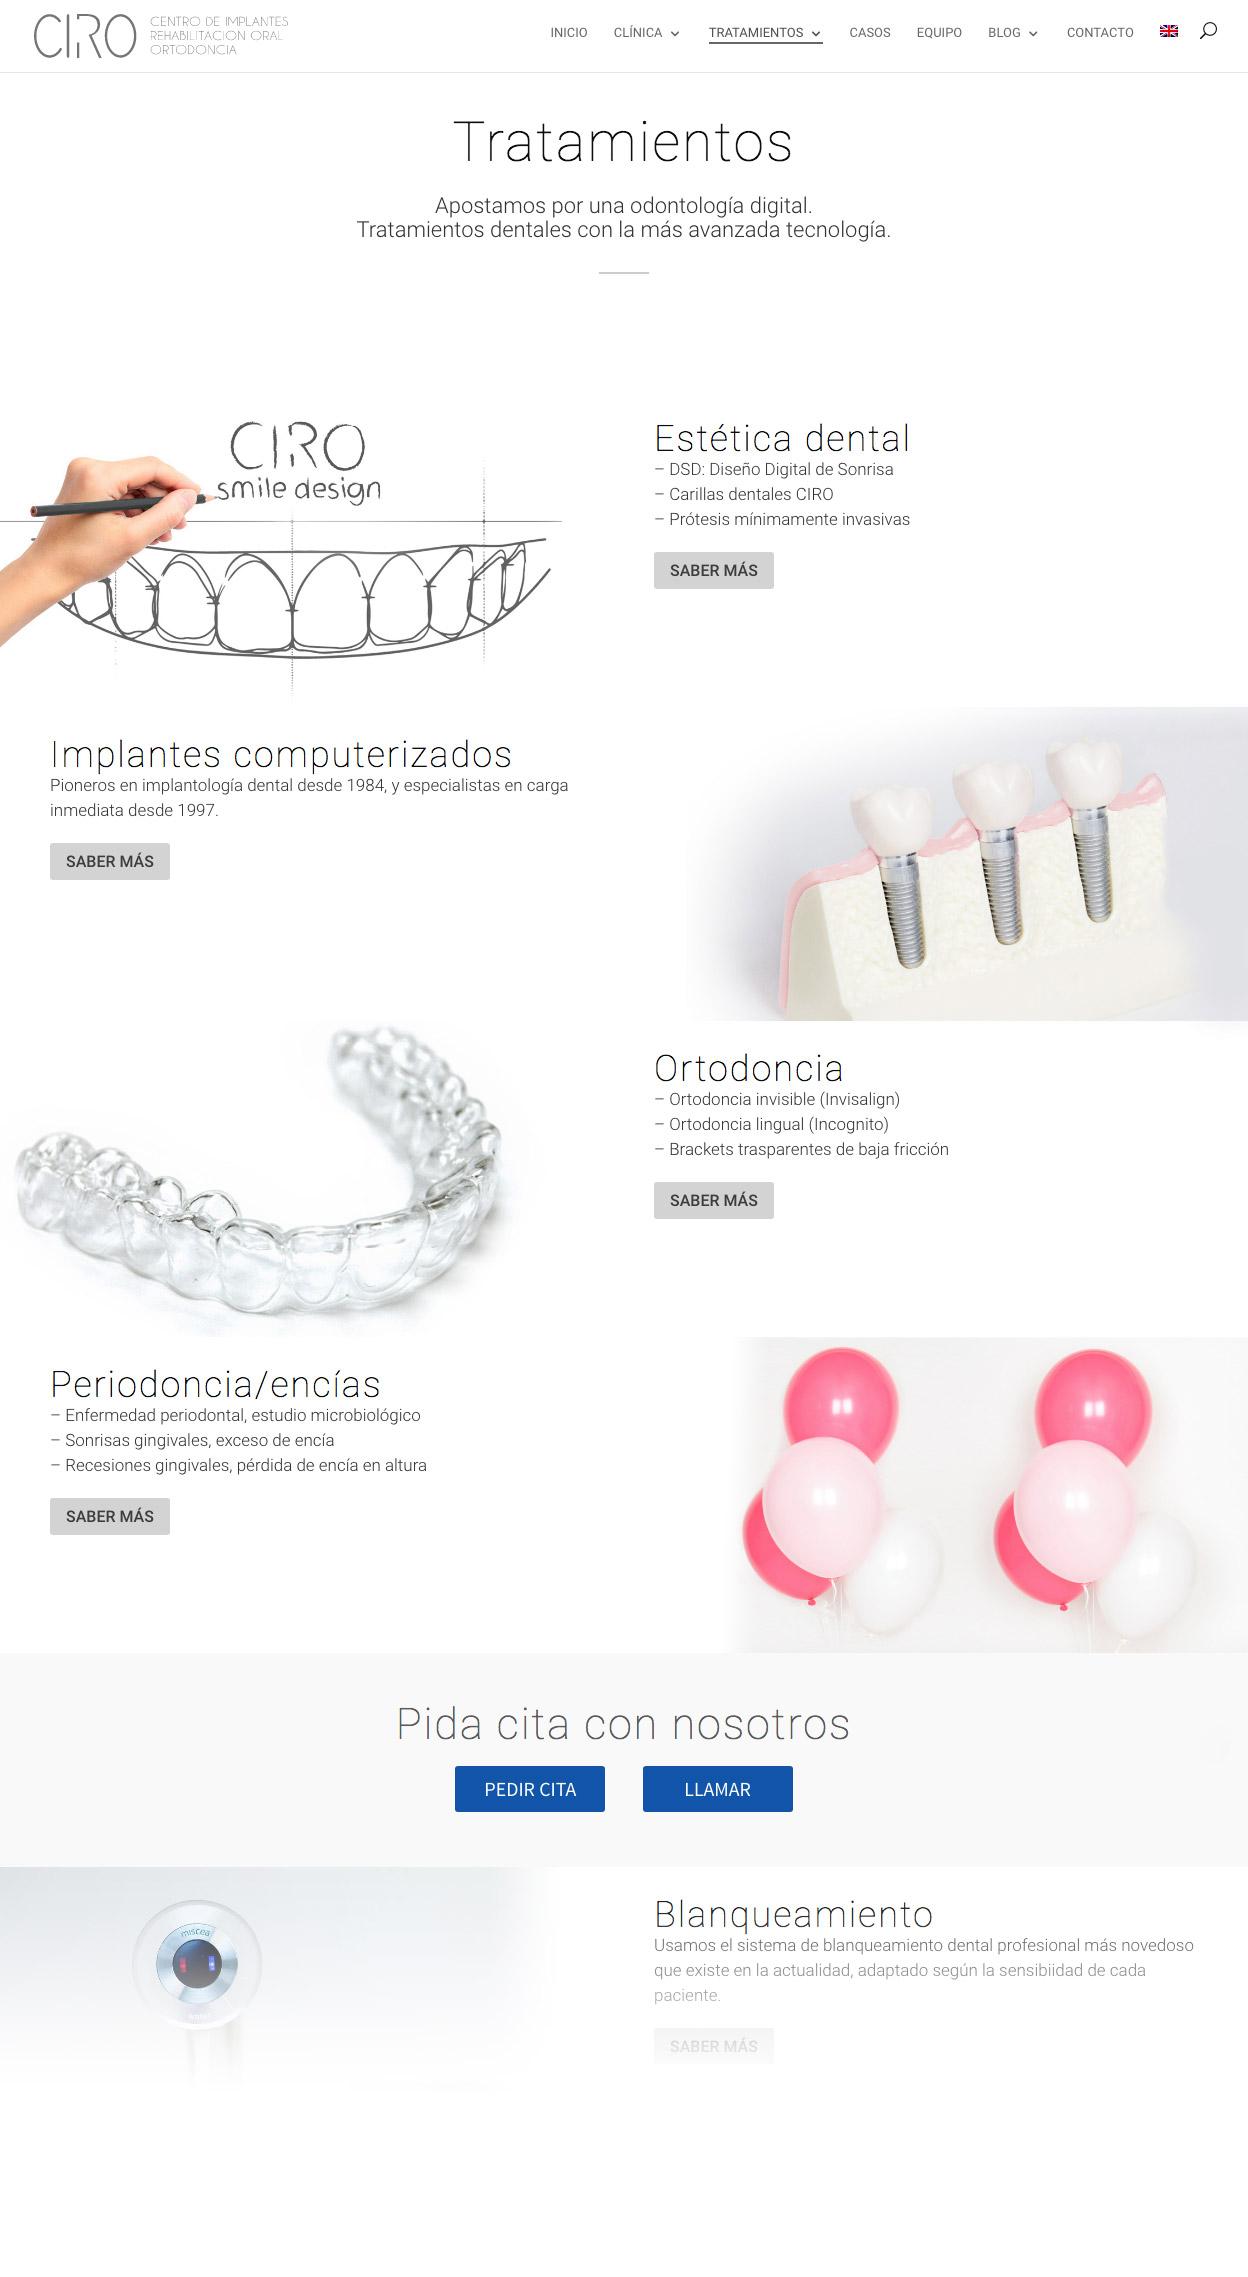 Tratamientos-CIRO-resumen-